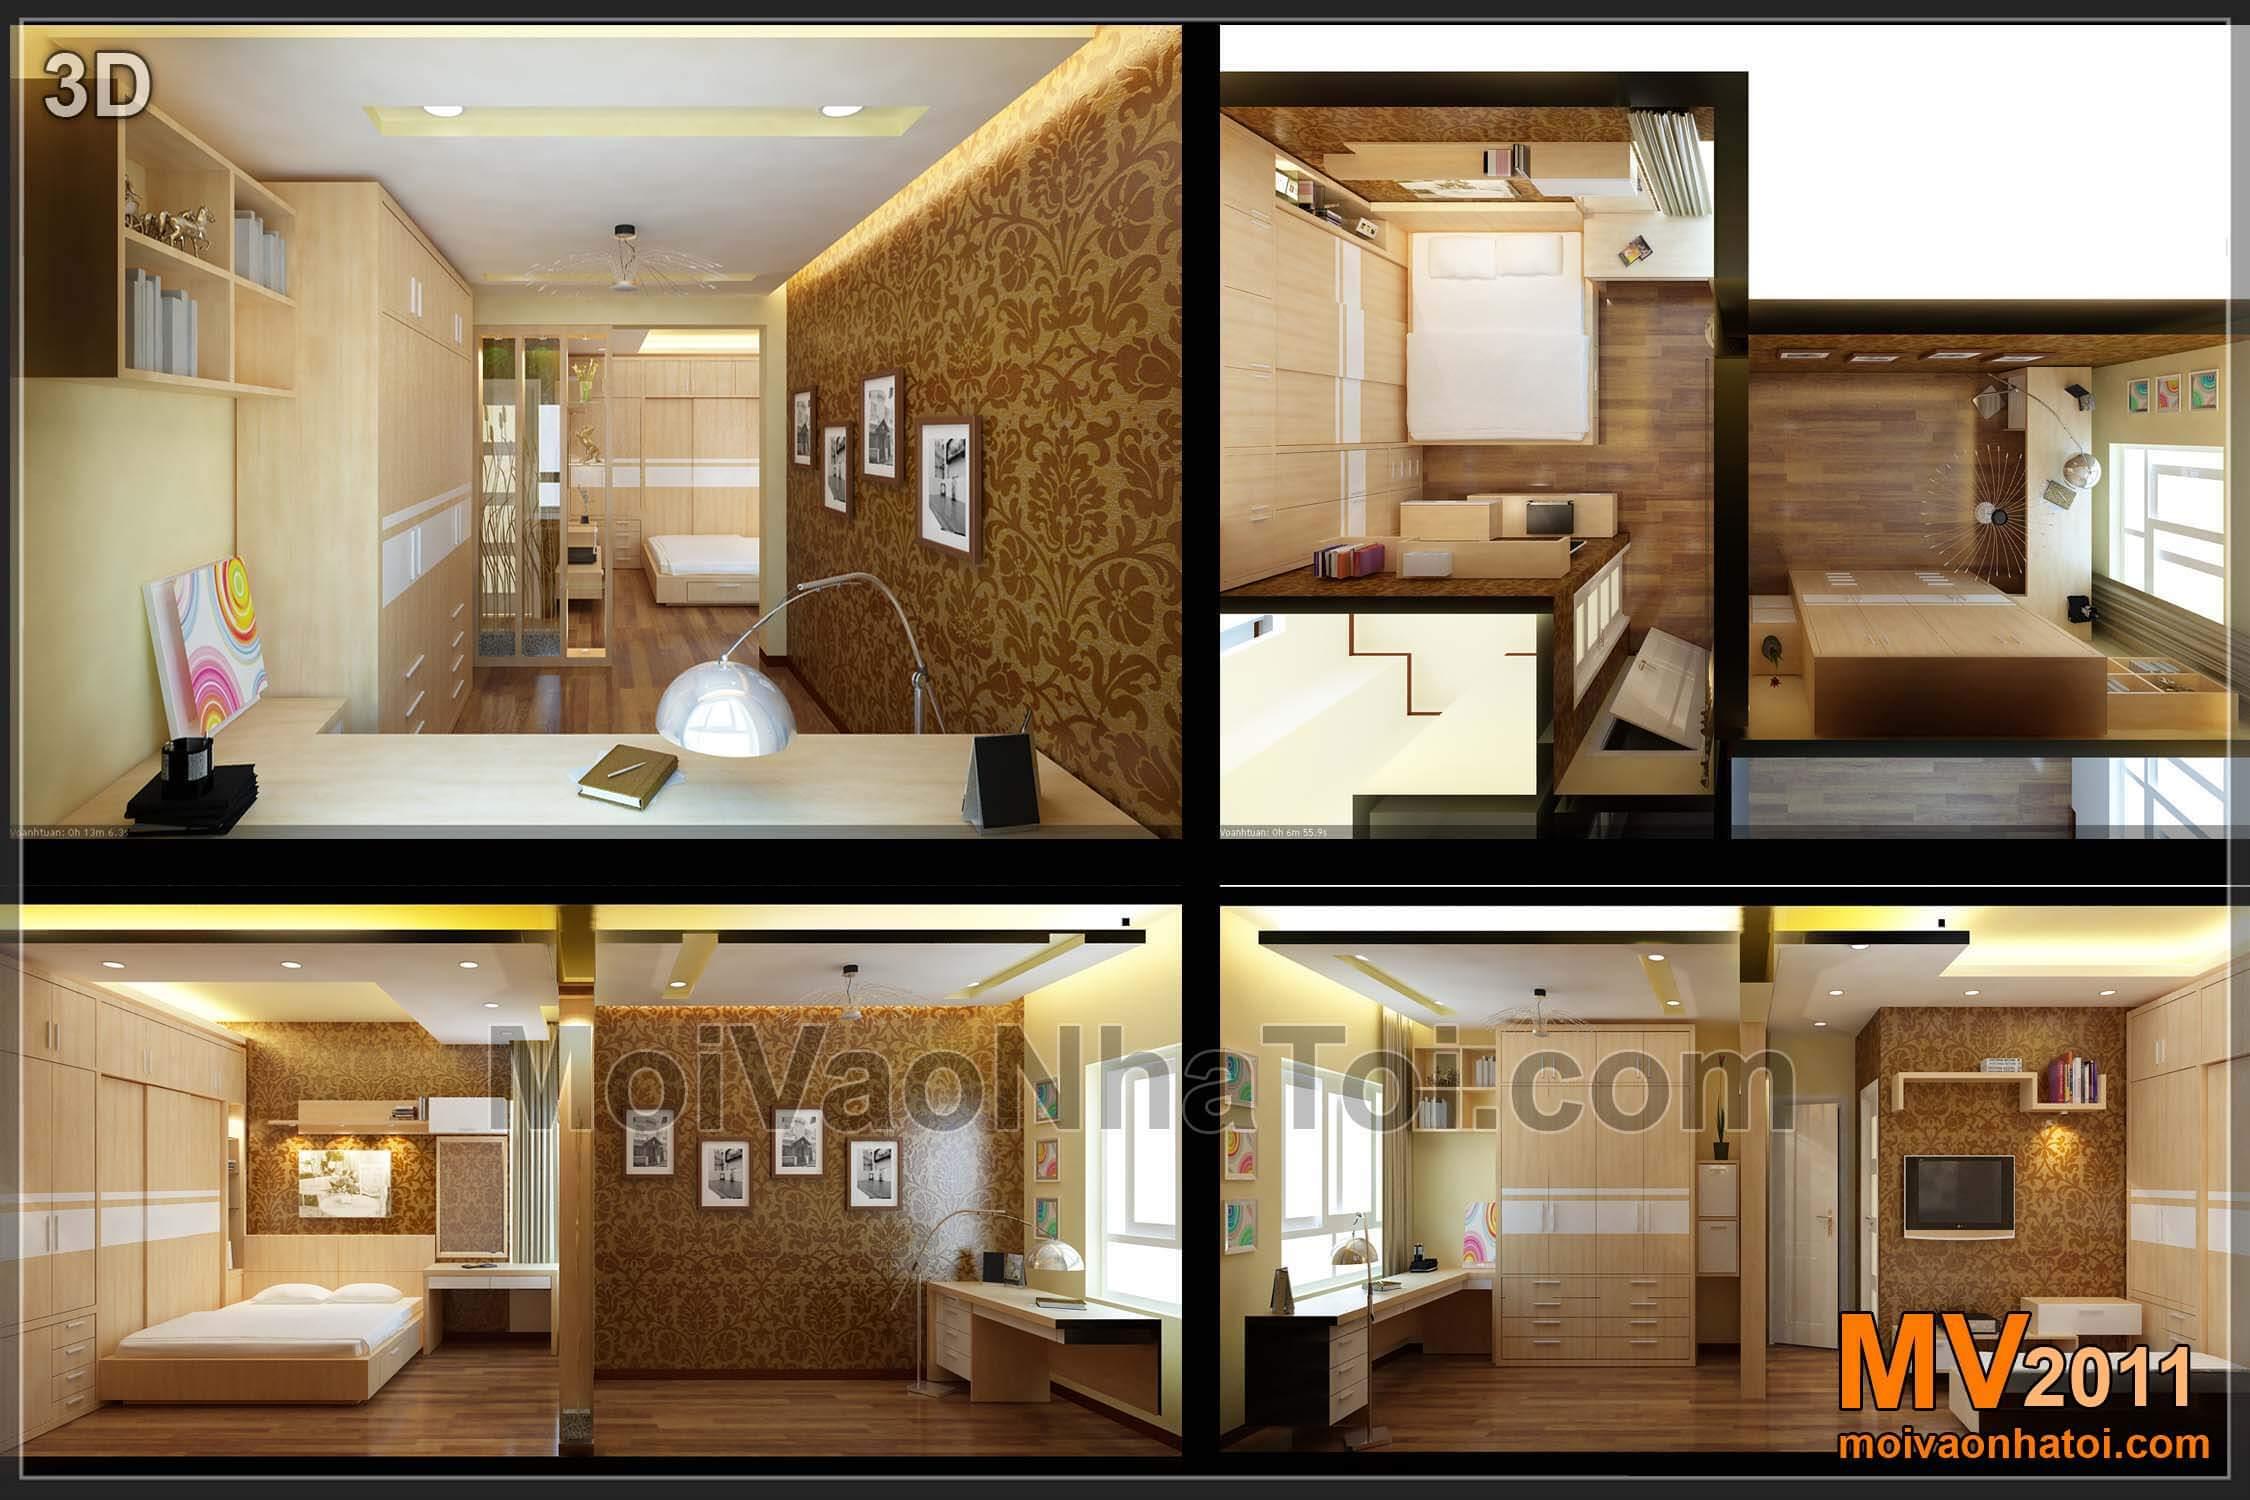 Thiết kế 3D nội thất phòng ngủ bố mẹ